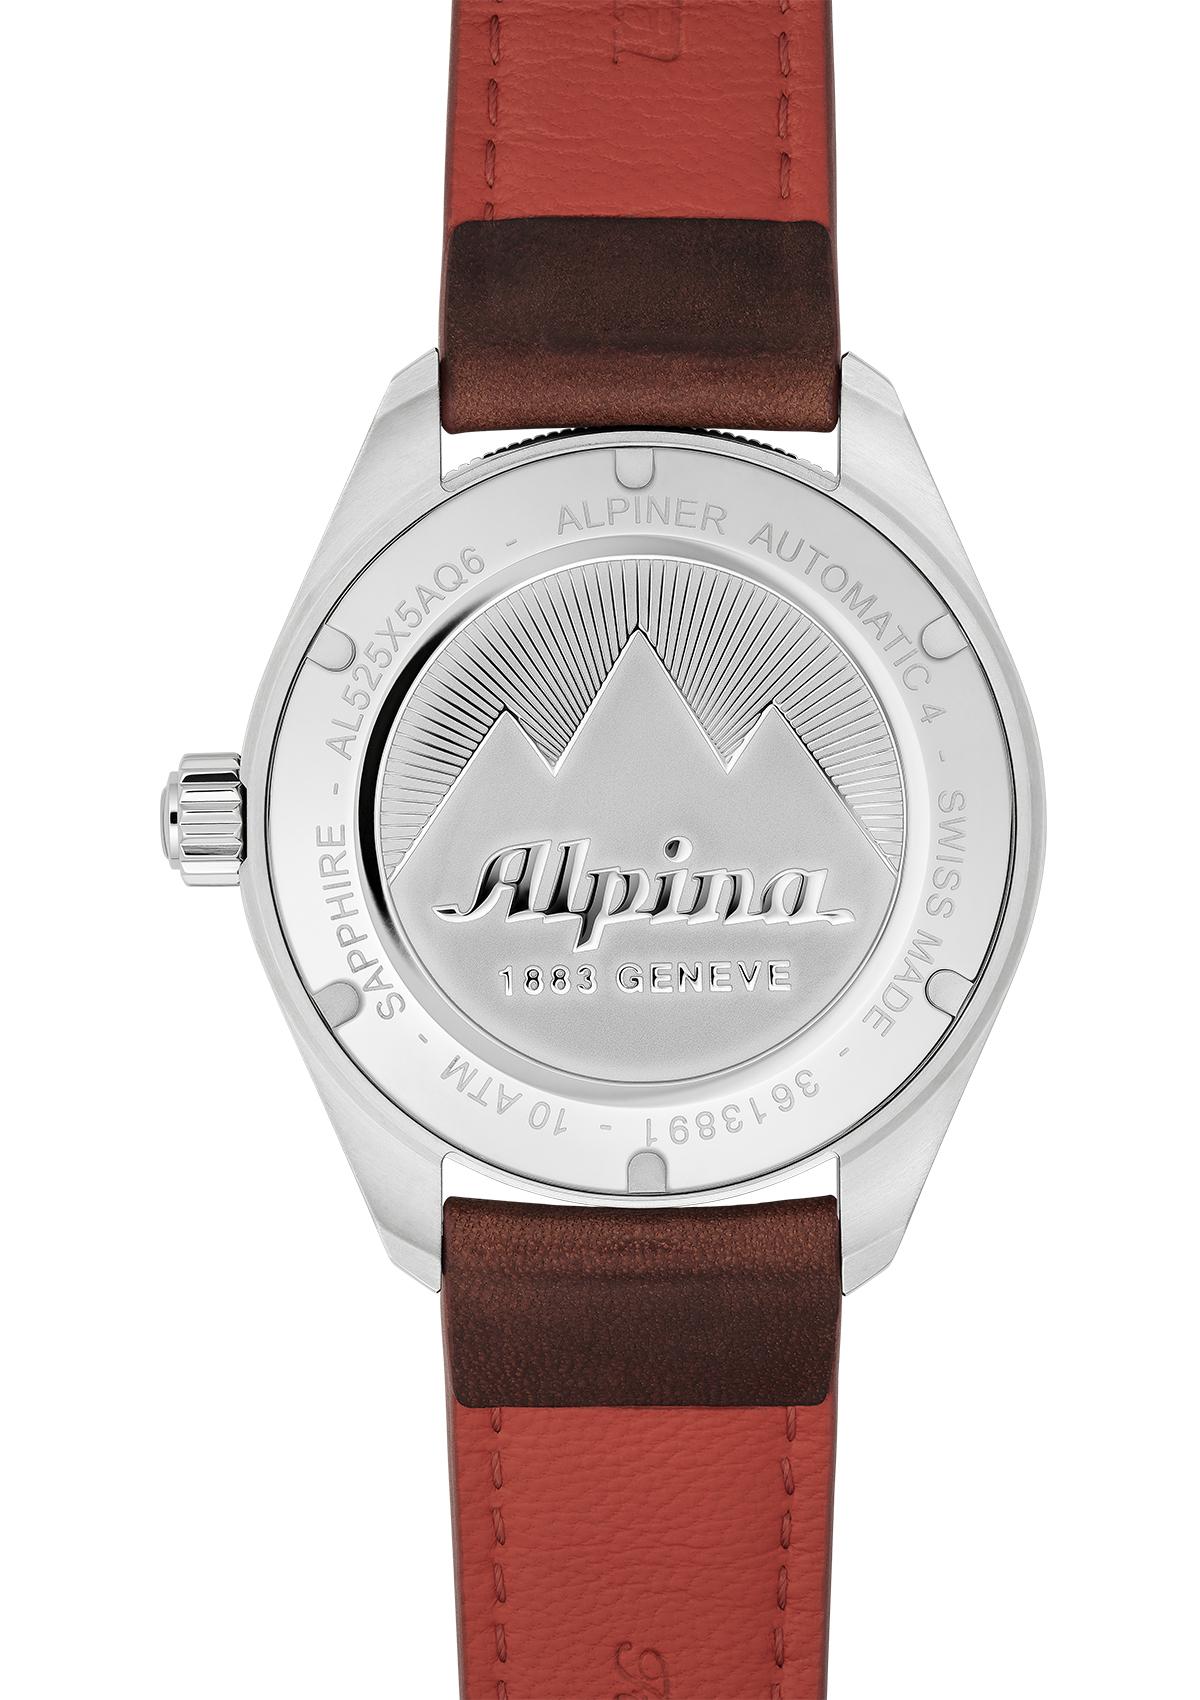 Alpiner 4 01